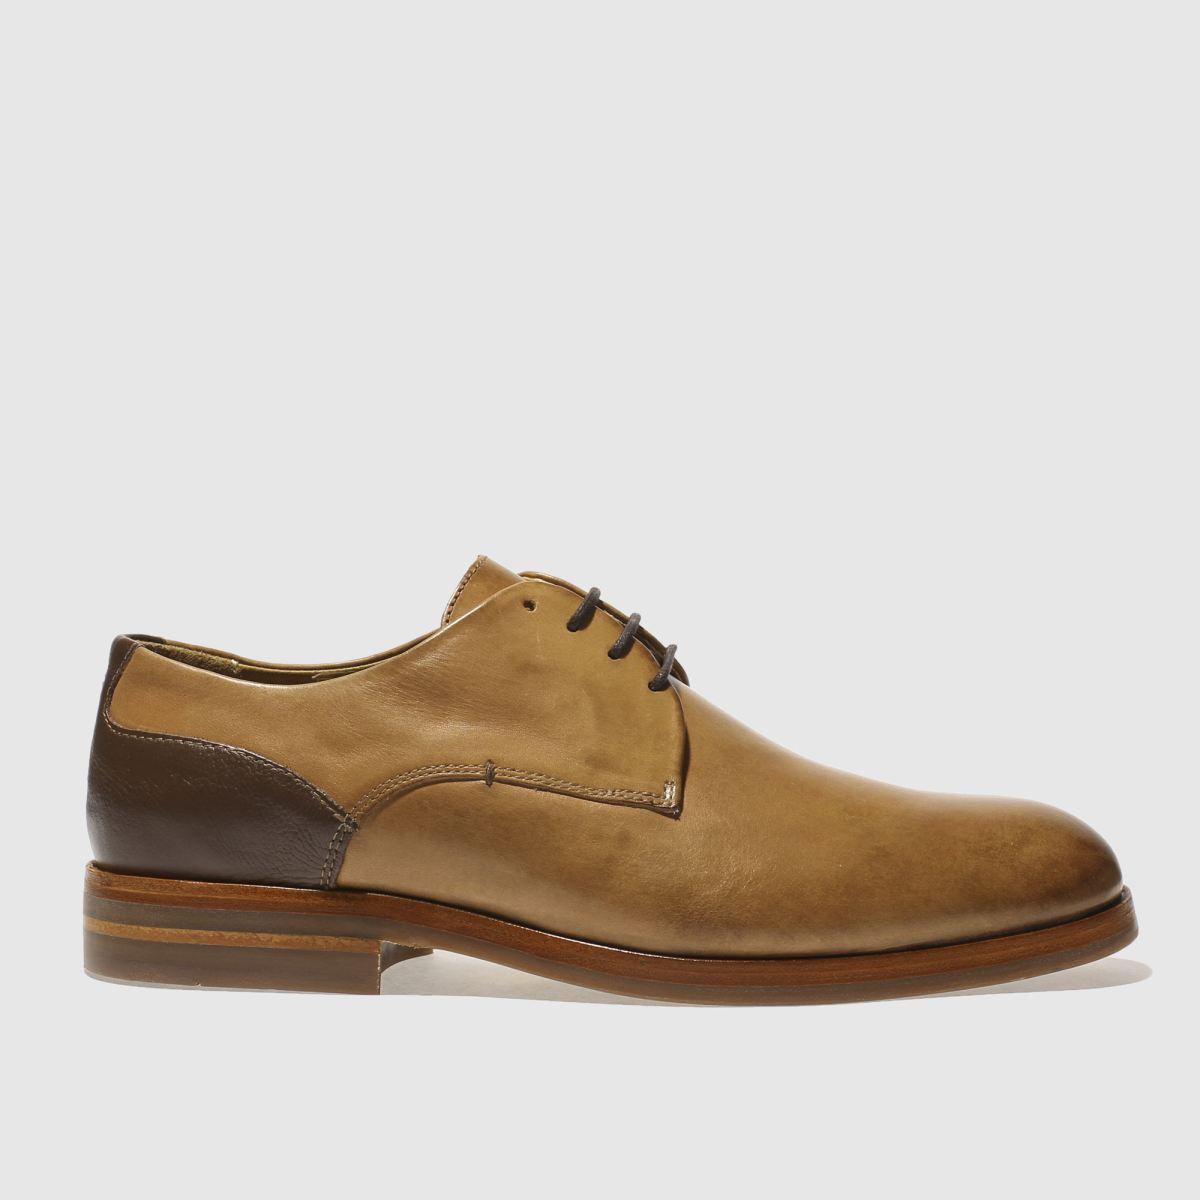 h by hudson tan enrico shoes